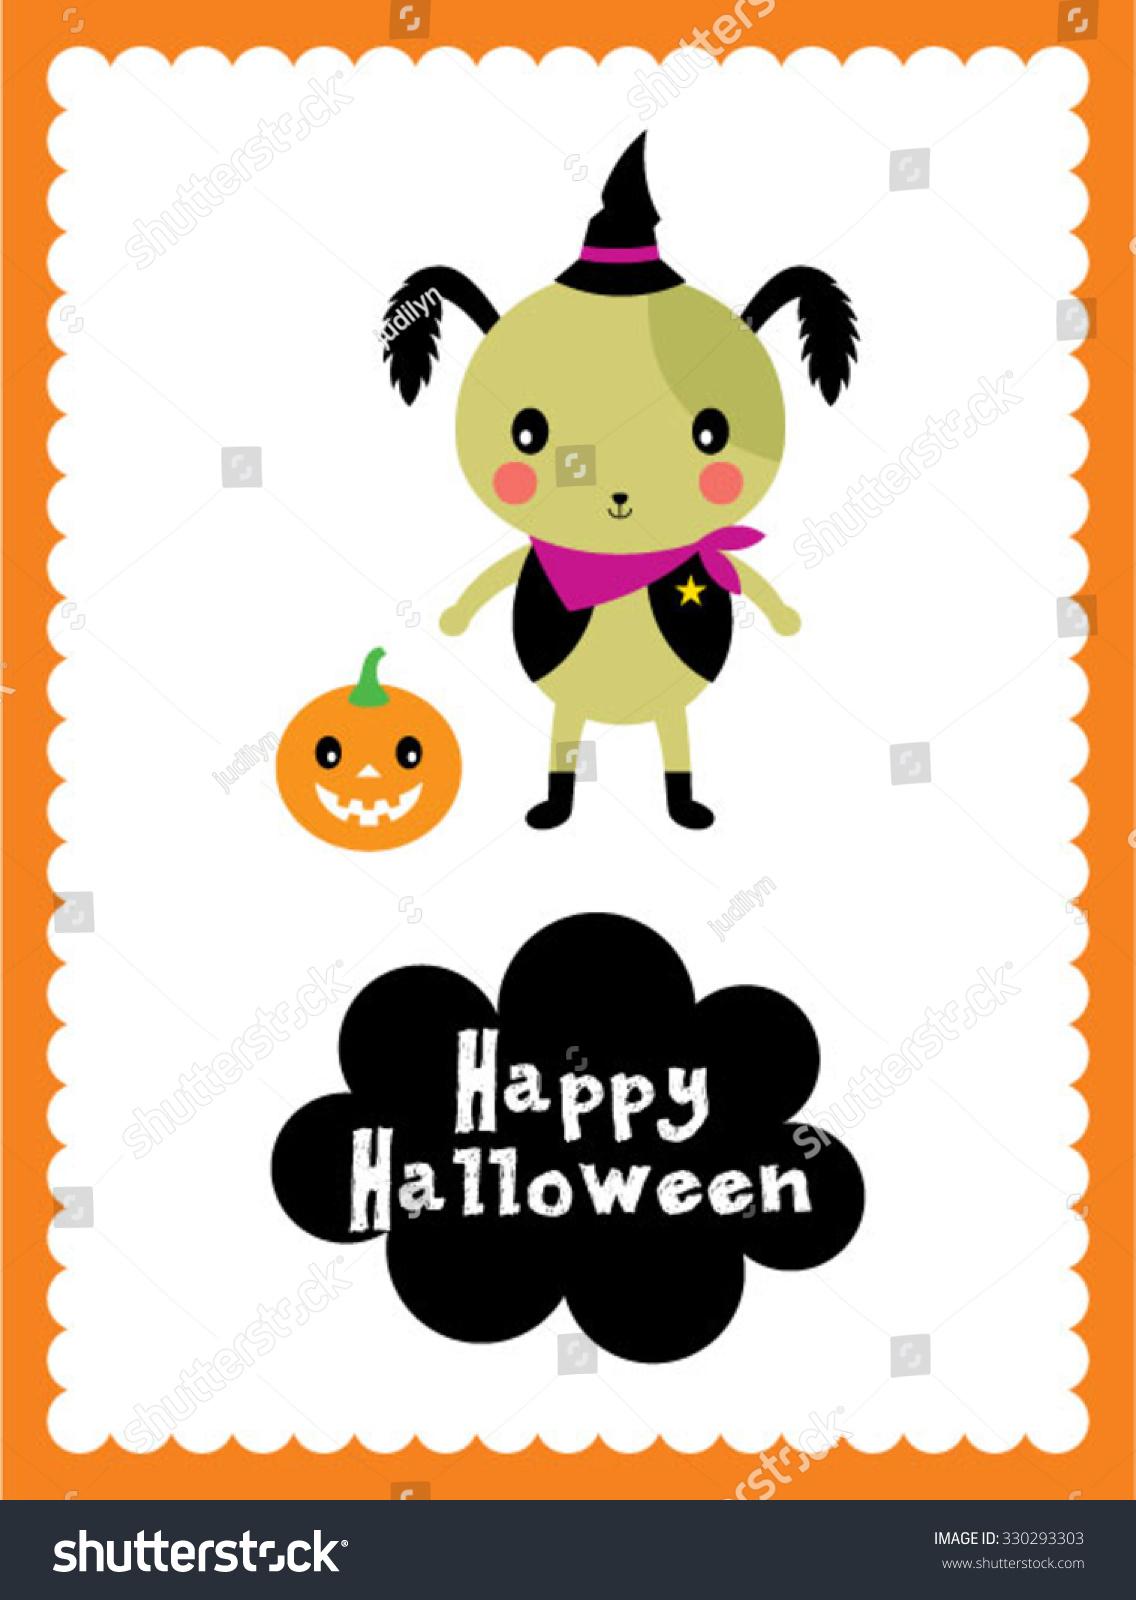 cute puppy halloween card stock vector 330293303 shutterstock